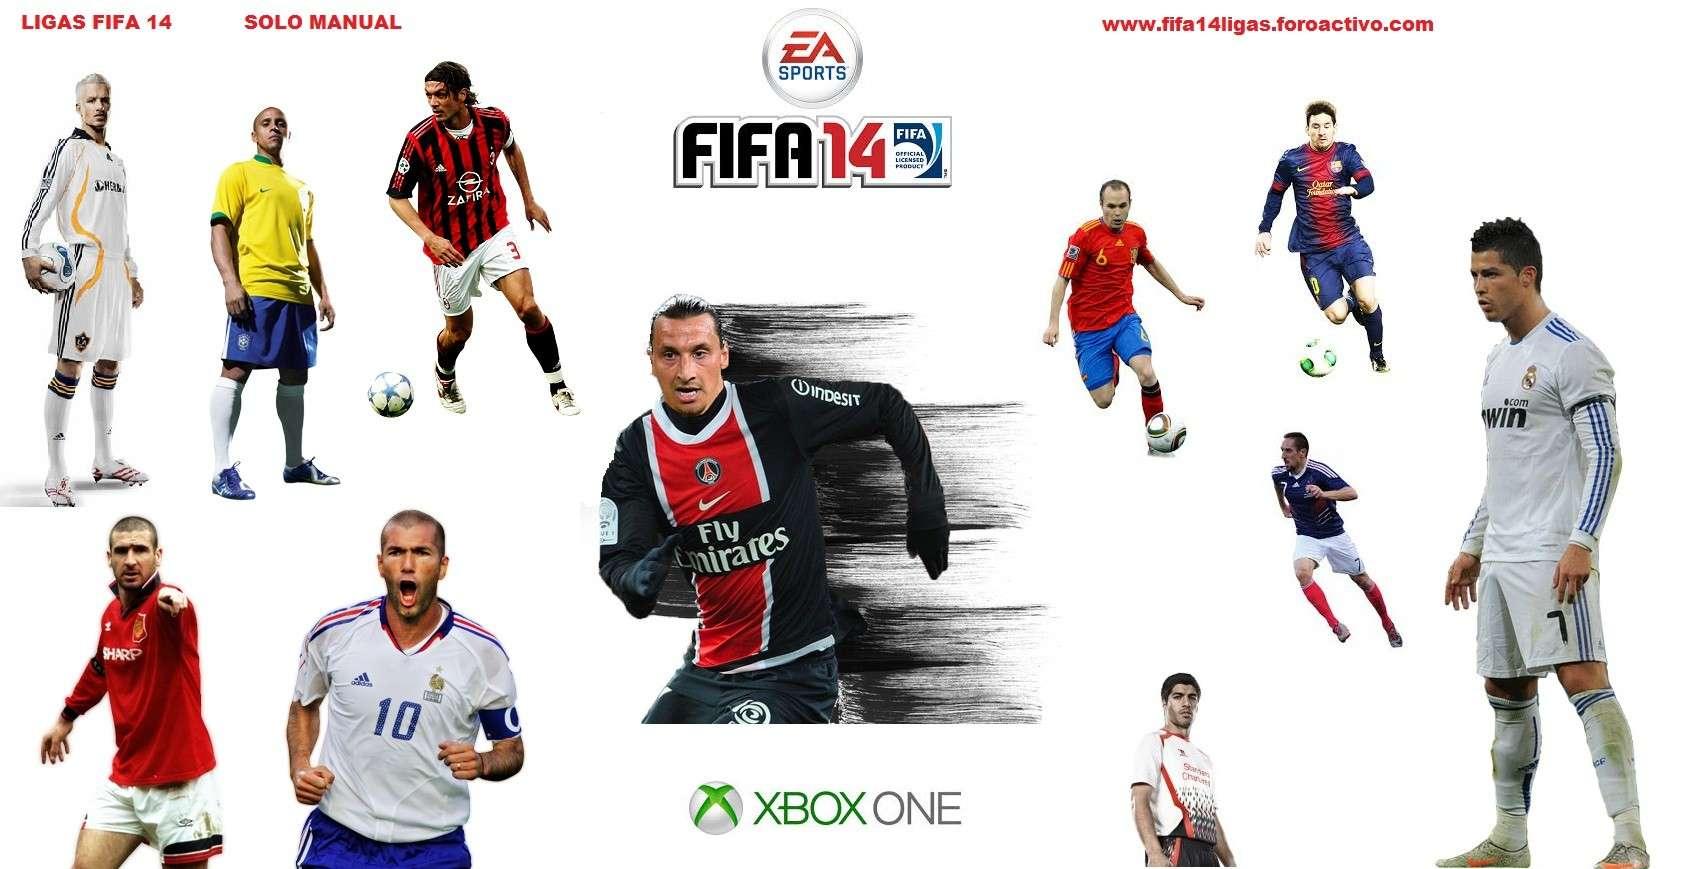 Liga Manual Fifa 14 XBOX ONE